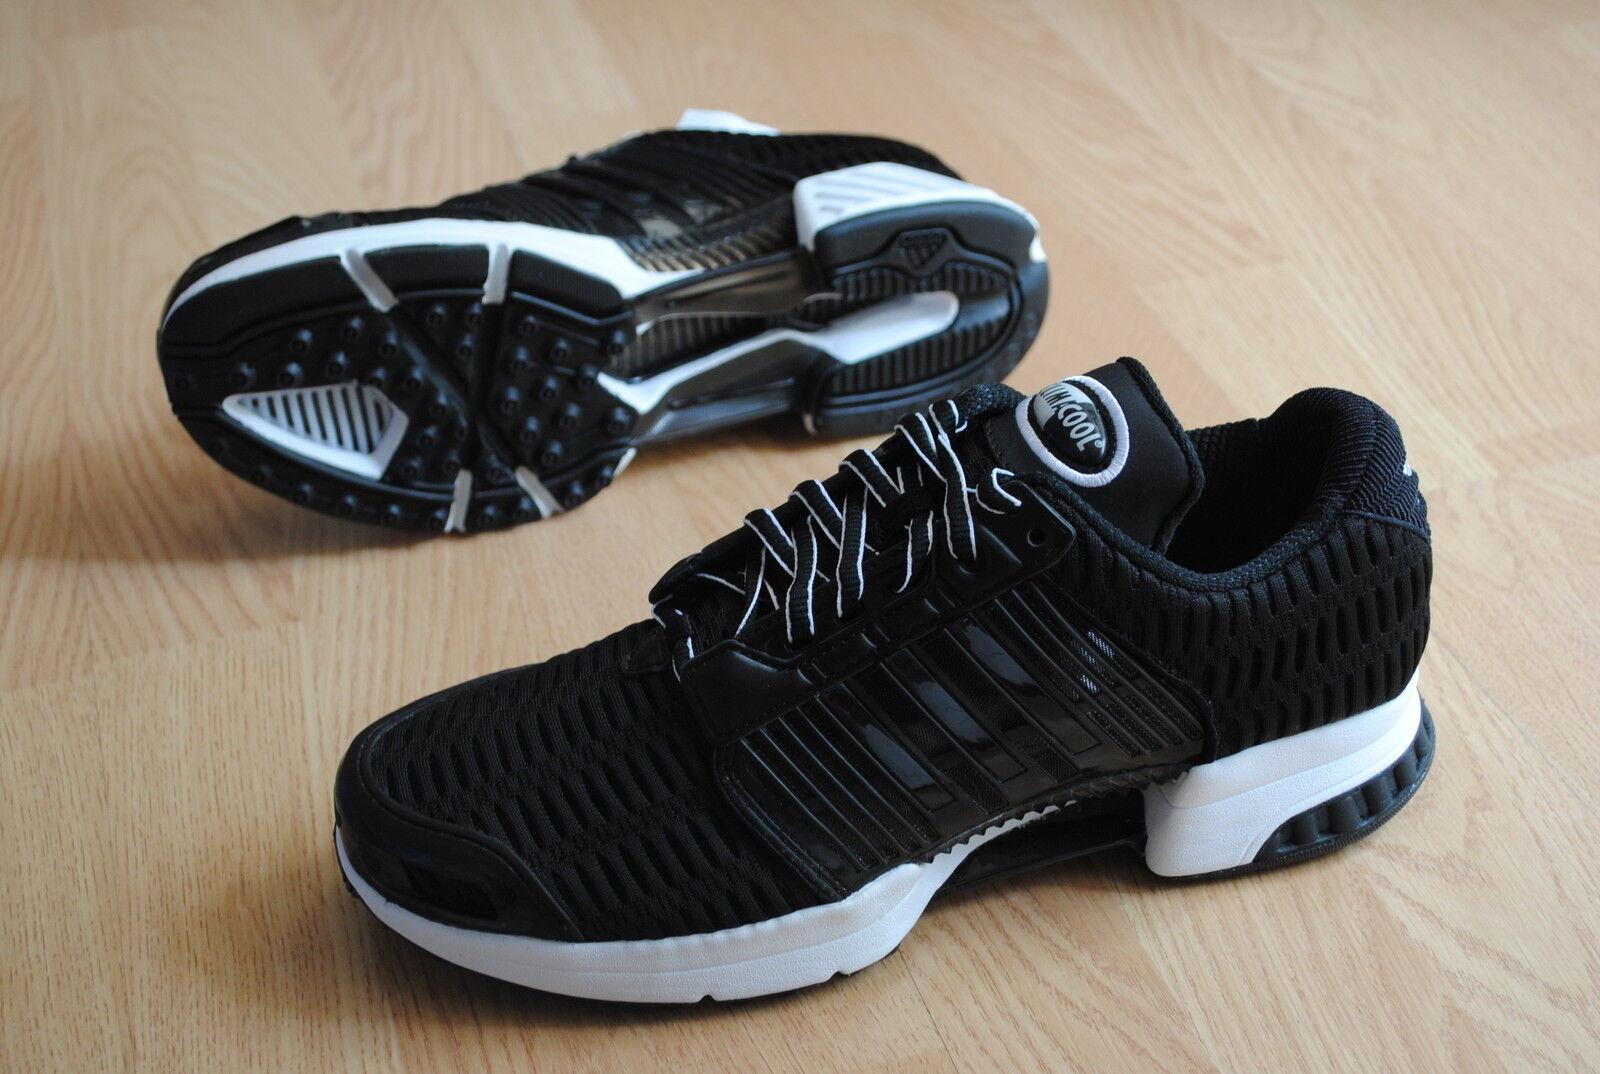 Adidas CC 1 Clima Cool 1 40 Torsión CONSORCIO ZX g97469 CC1